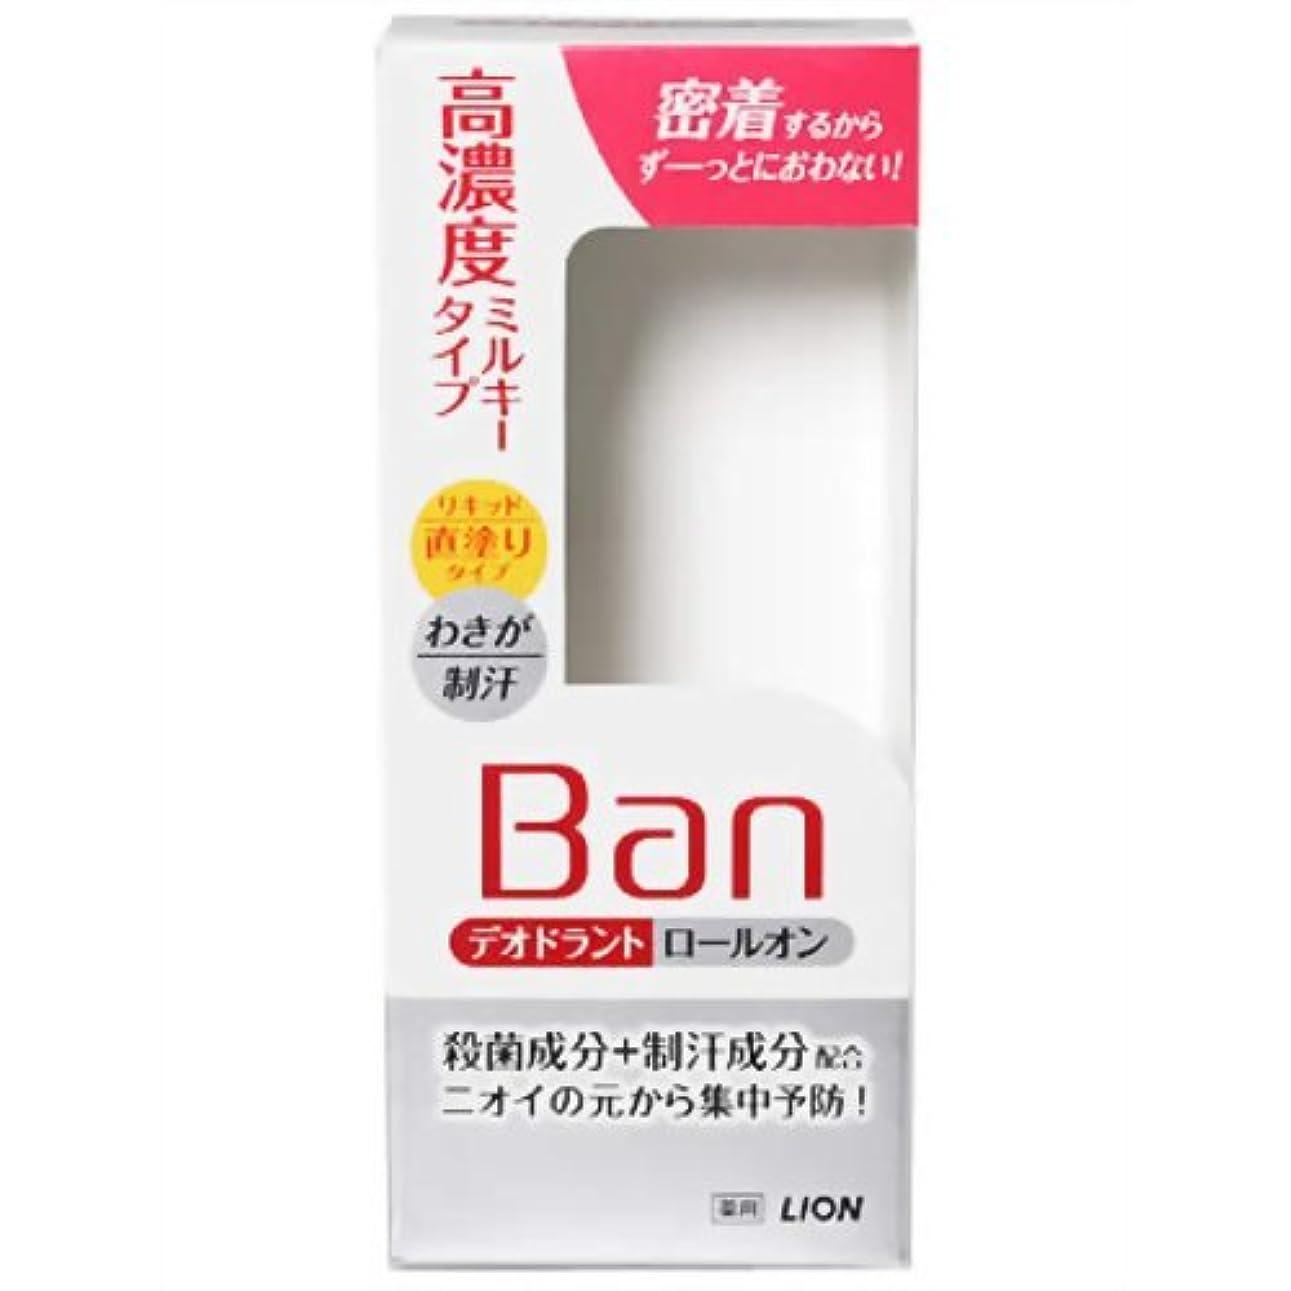 ランデブー決して全能Ban(バン) デオドラントロールオン 高濃度ミルキータイプ 30ml